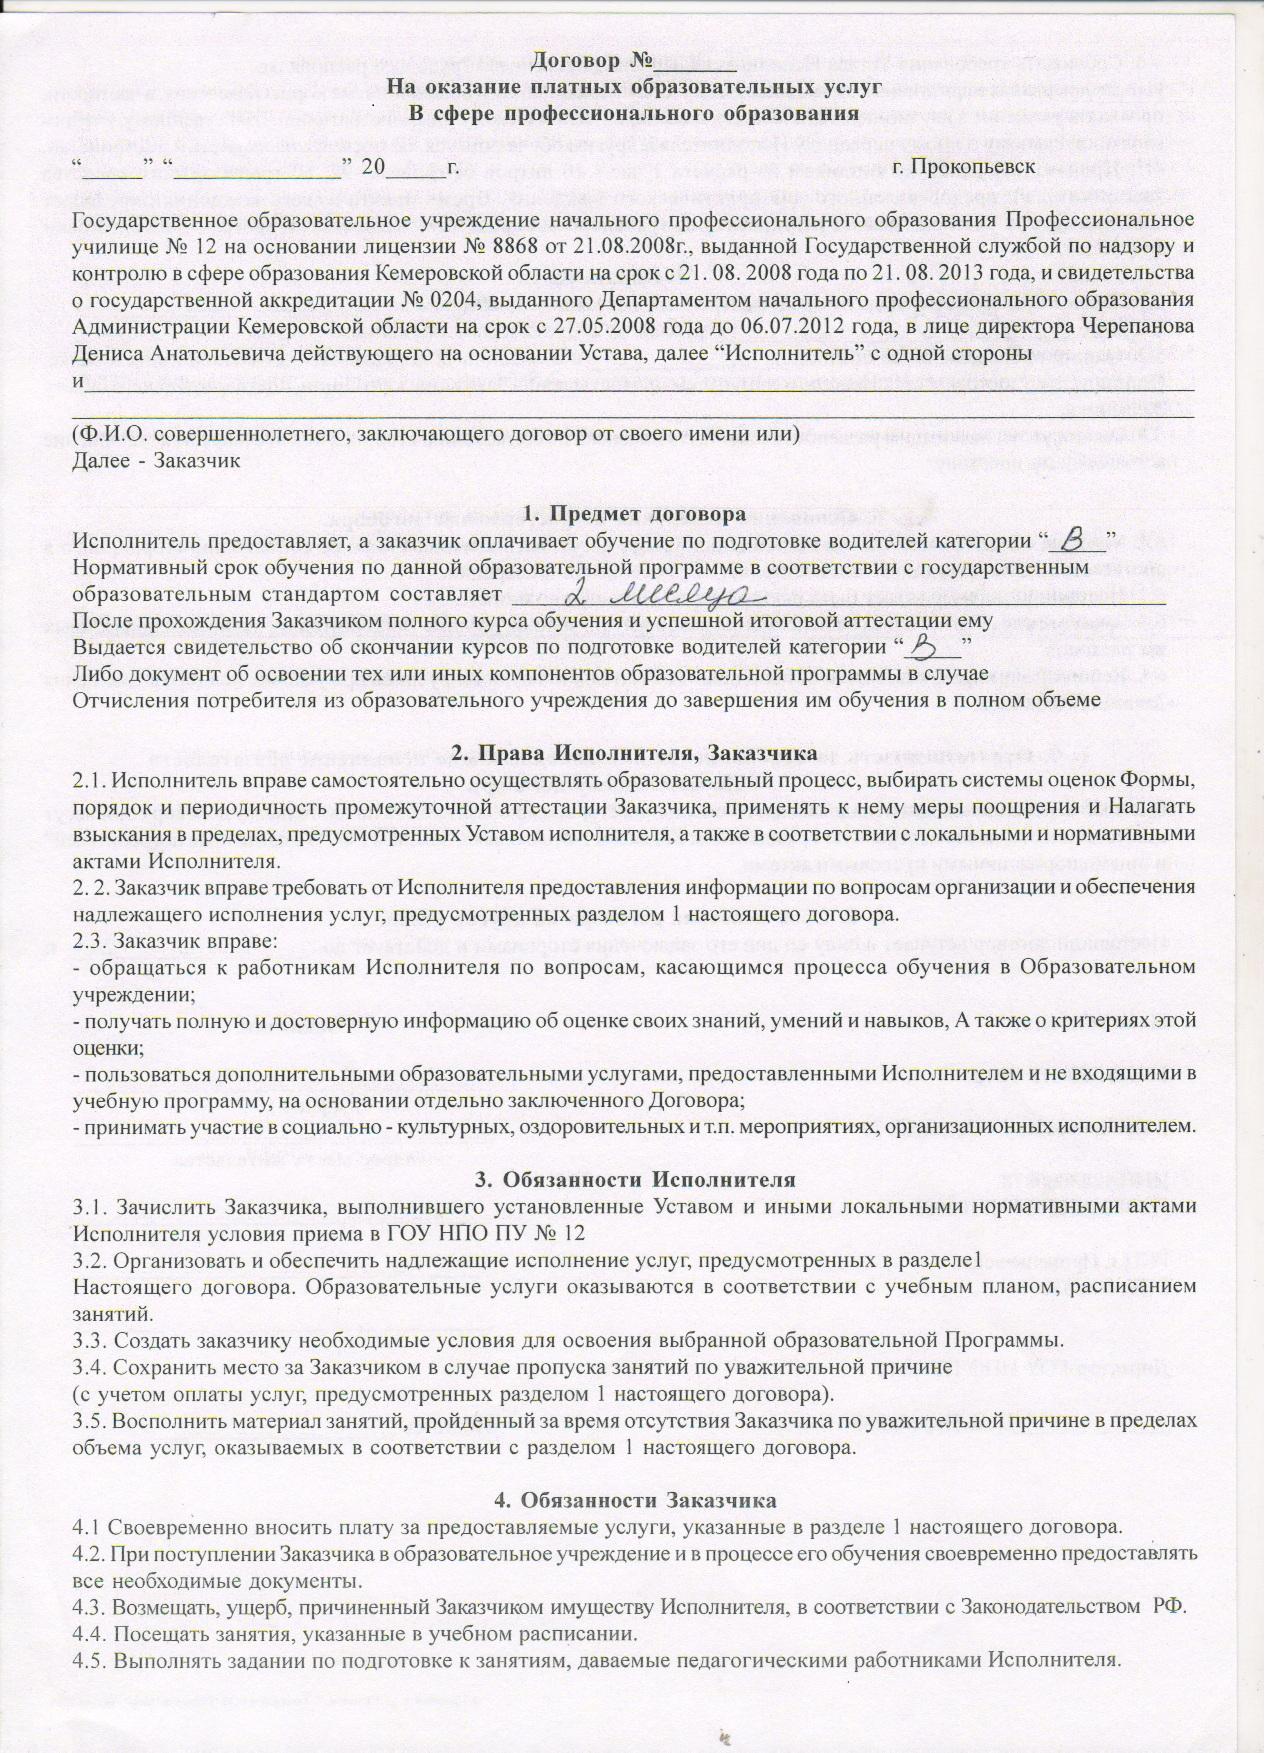 Договор на оказание услуг с мастером маникюра